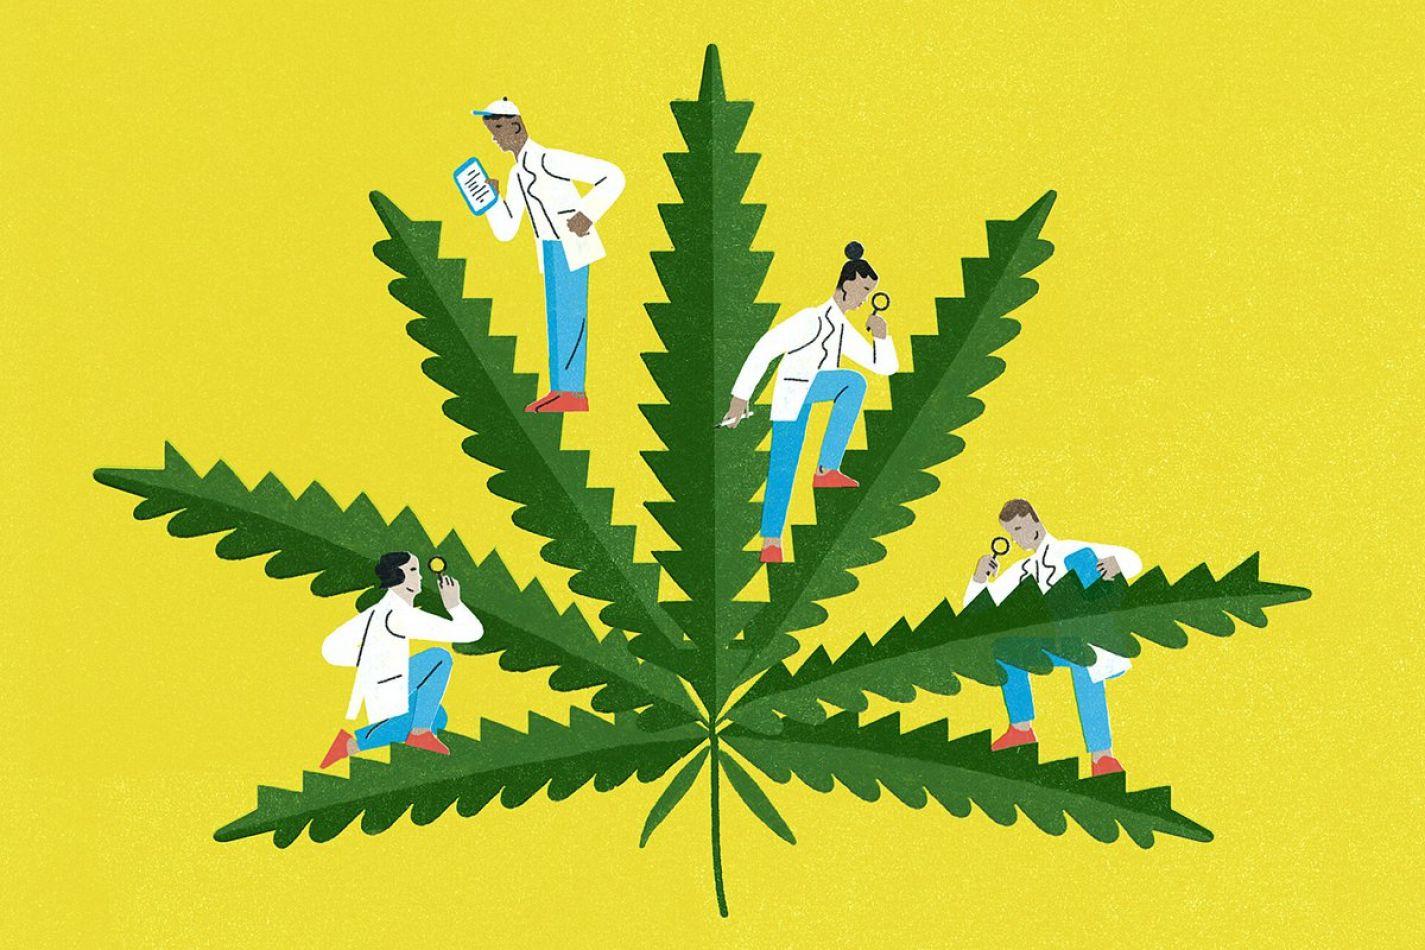 Cuáles son los efectos adversos de consumir cannabis durante el embarazo y la lactancia, según la Sociedad Argentina de Pediatría